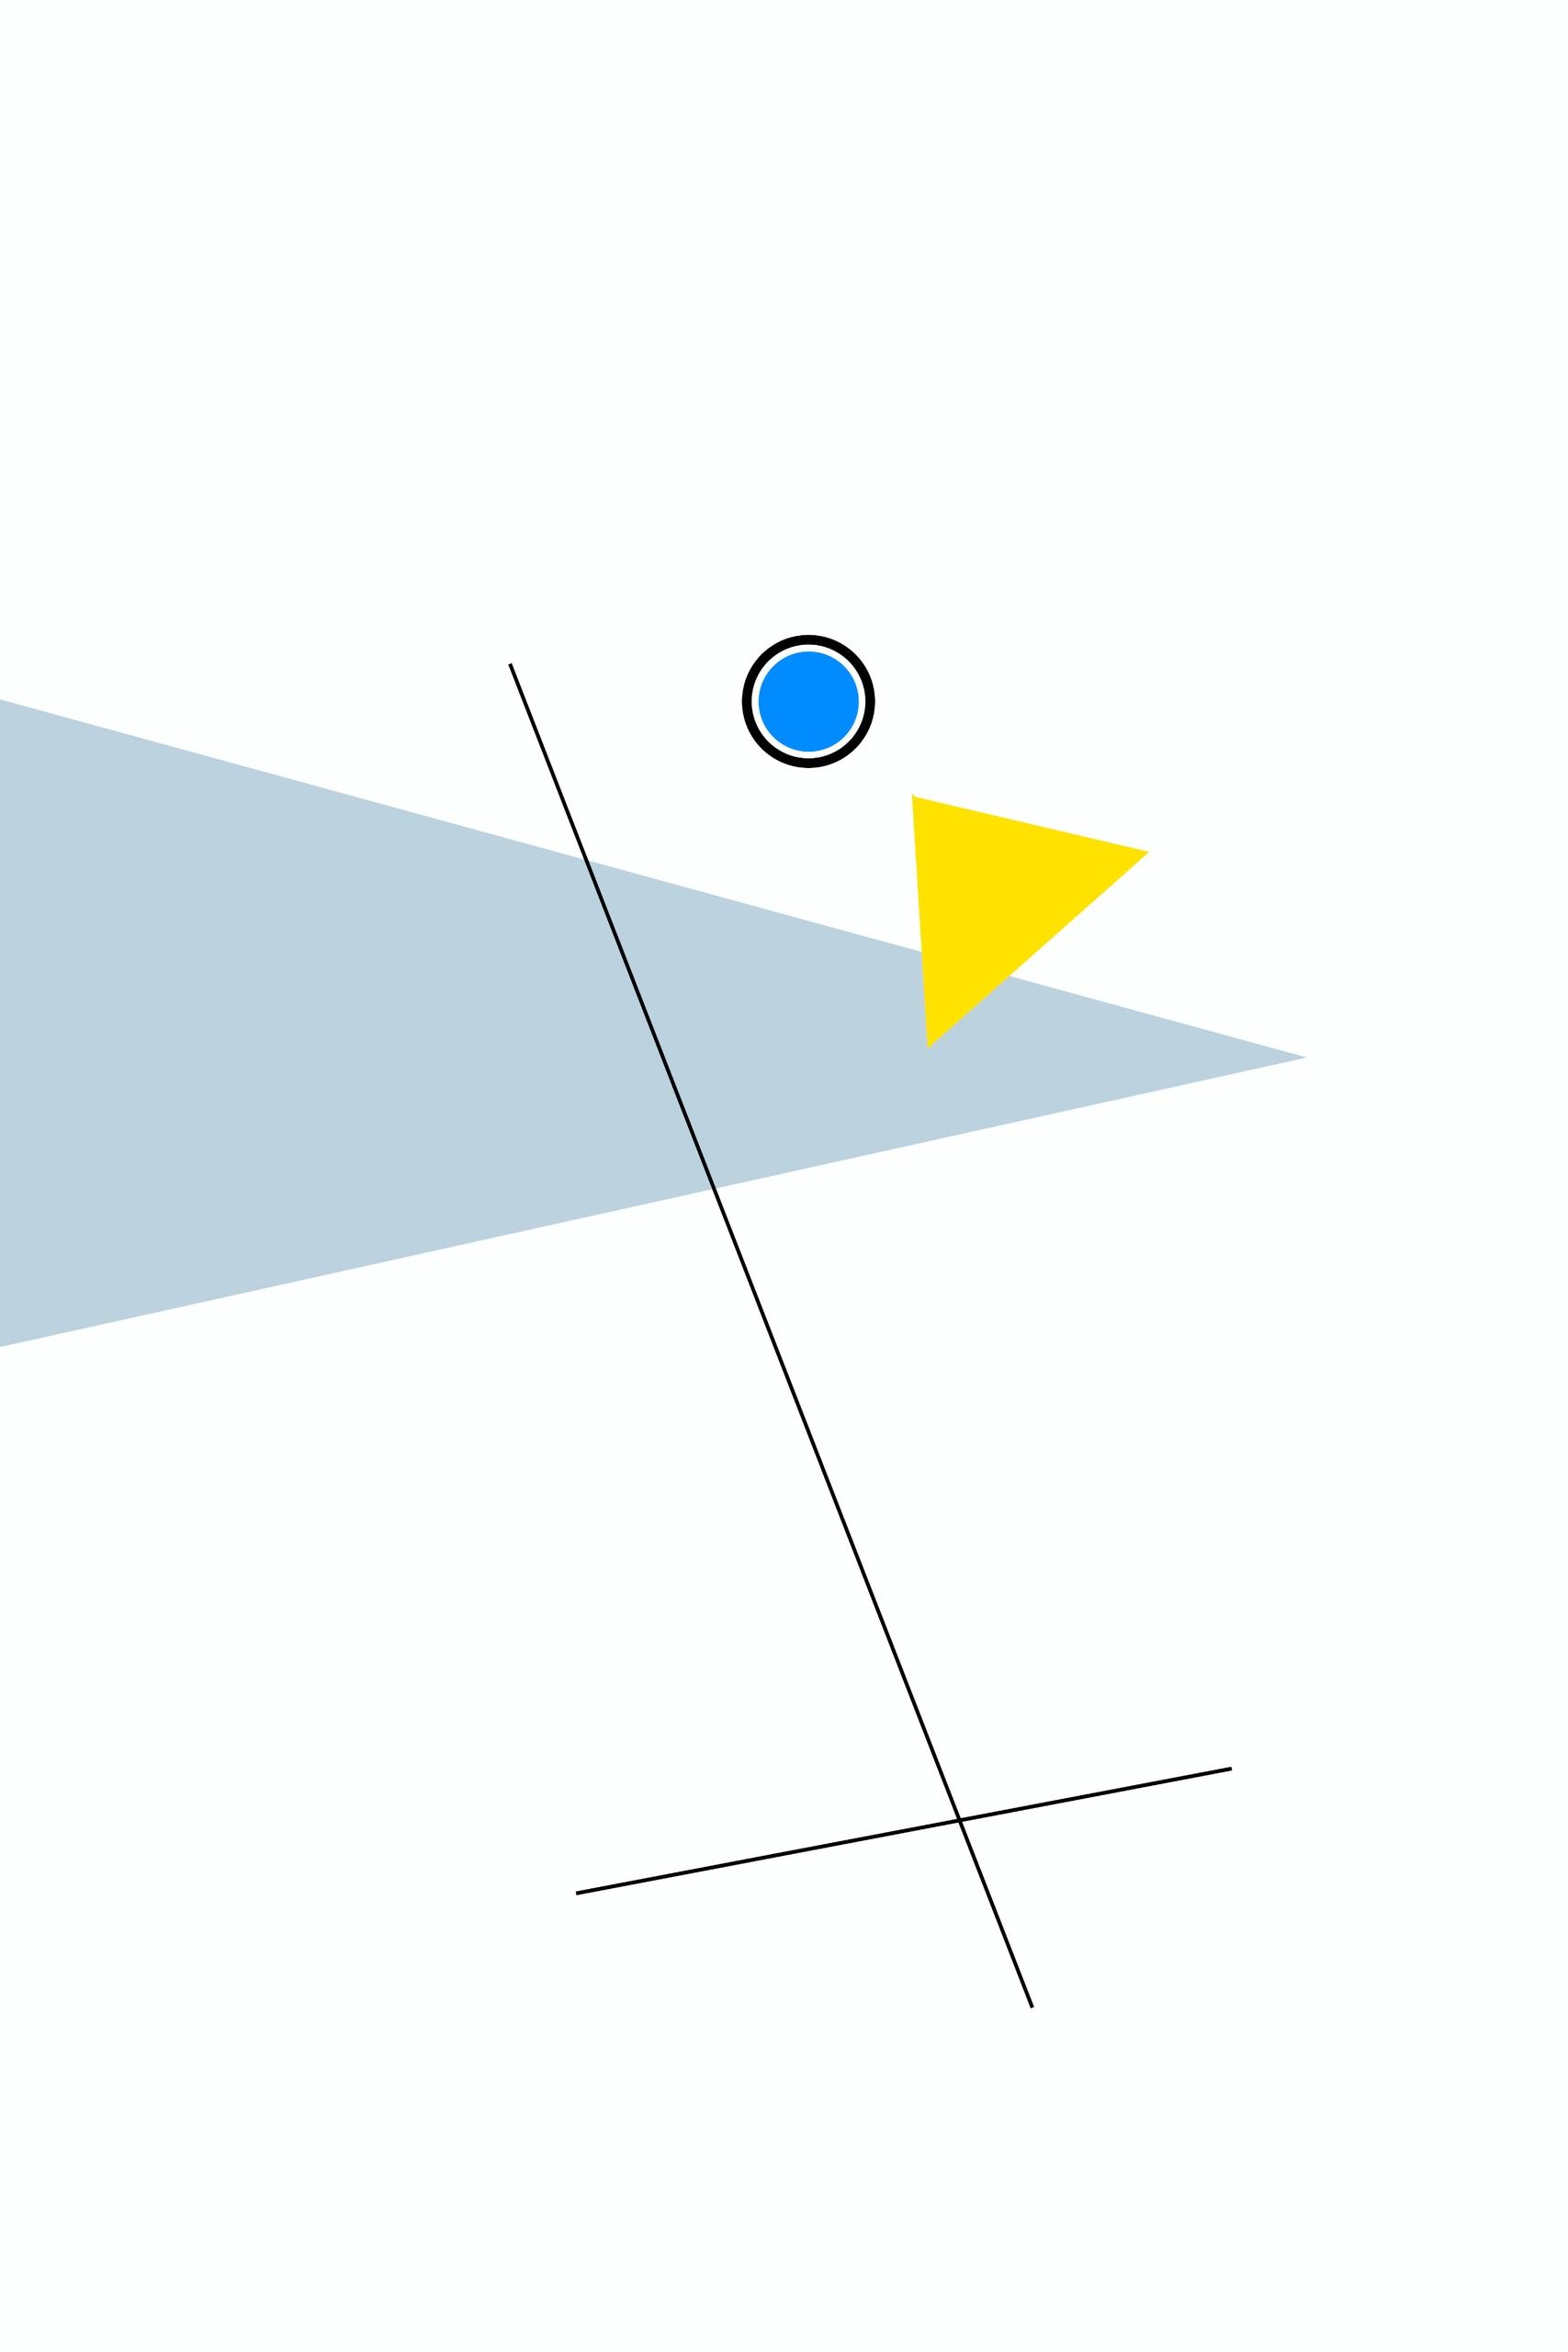 Obraz przedstawia graficzne kształty na białym tle.